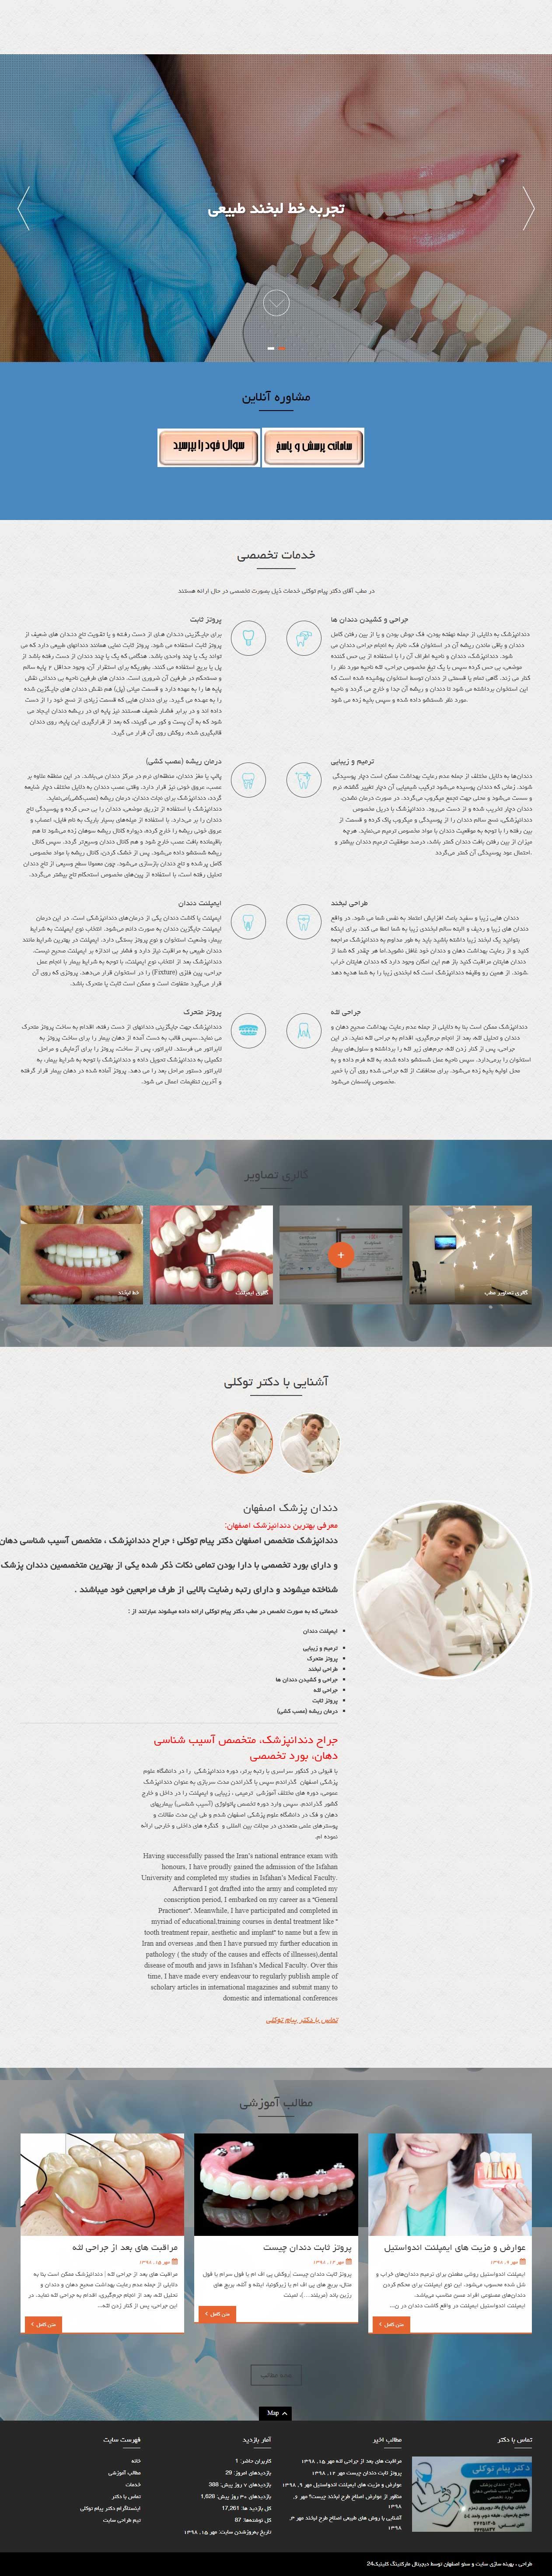 طراحی وب سایت متخصص دندانپزشک